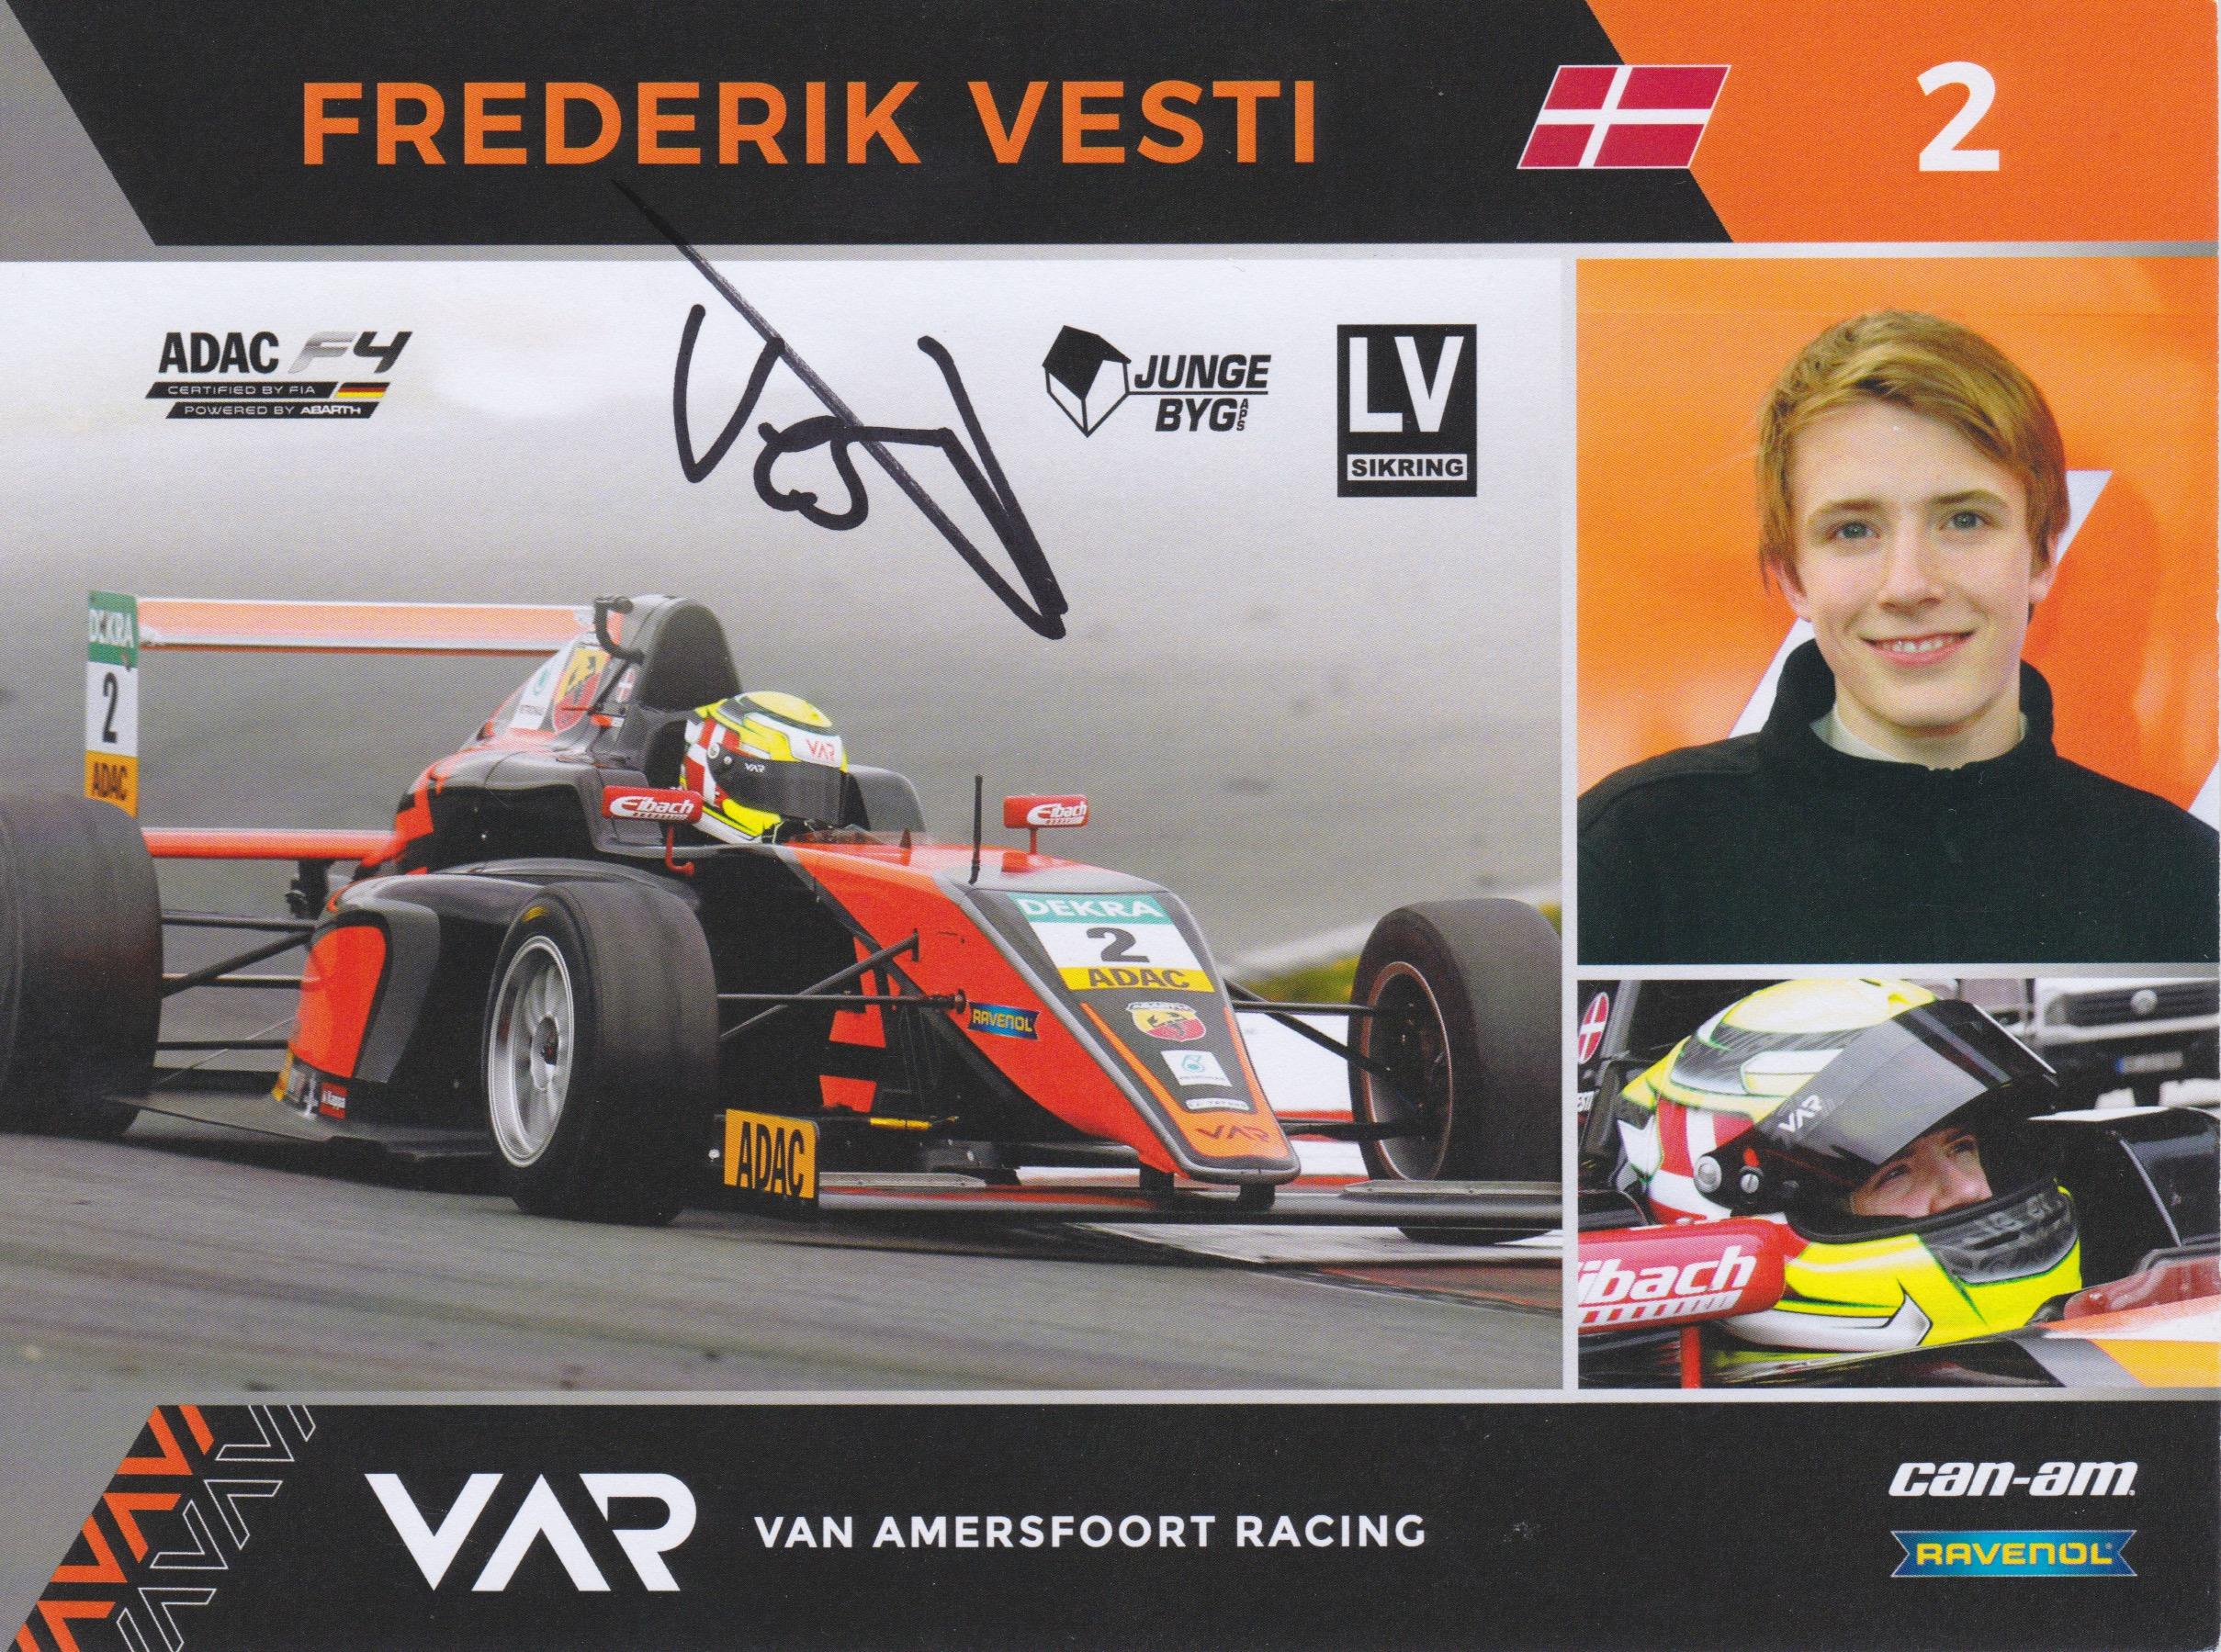 Frederik Vesti 2017 Van Amersfoort Racing